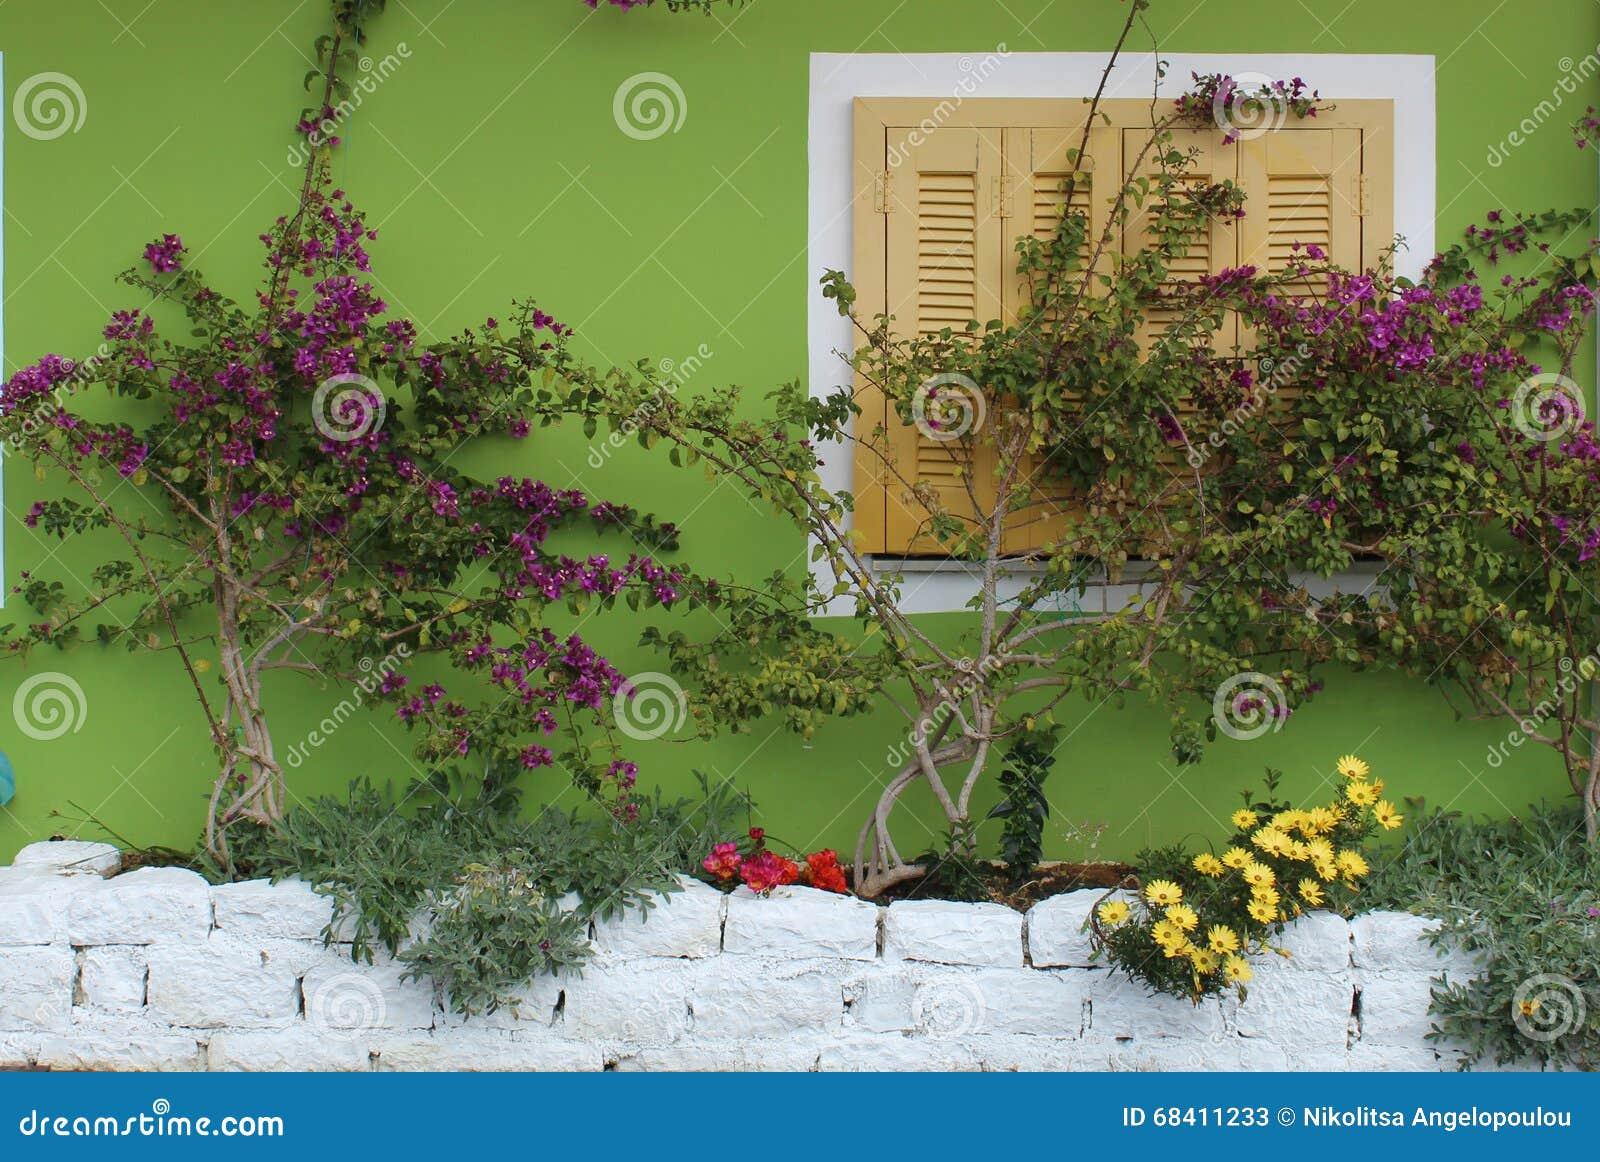 Décoration Du Mur Extérieur Image Stock Image Du Couleur